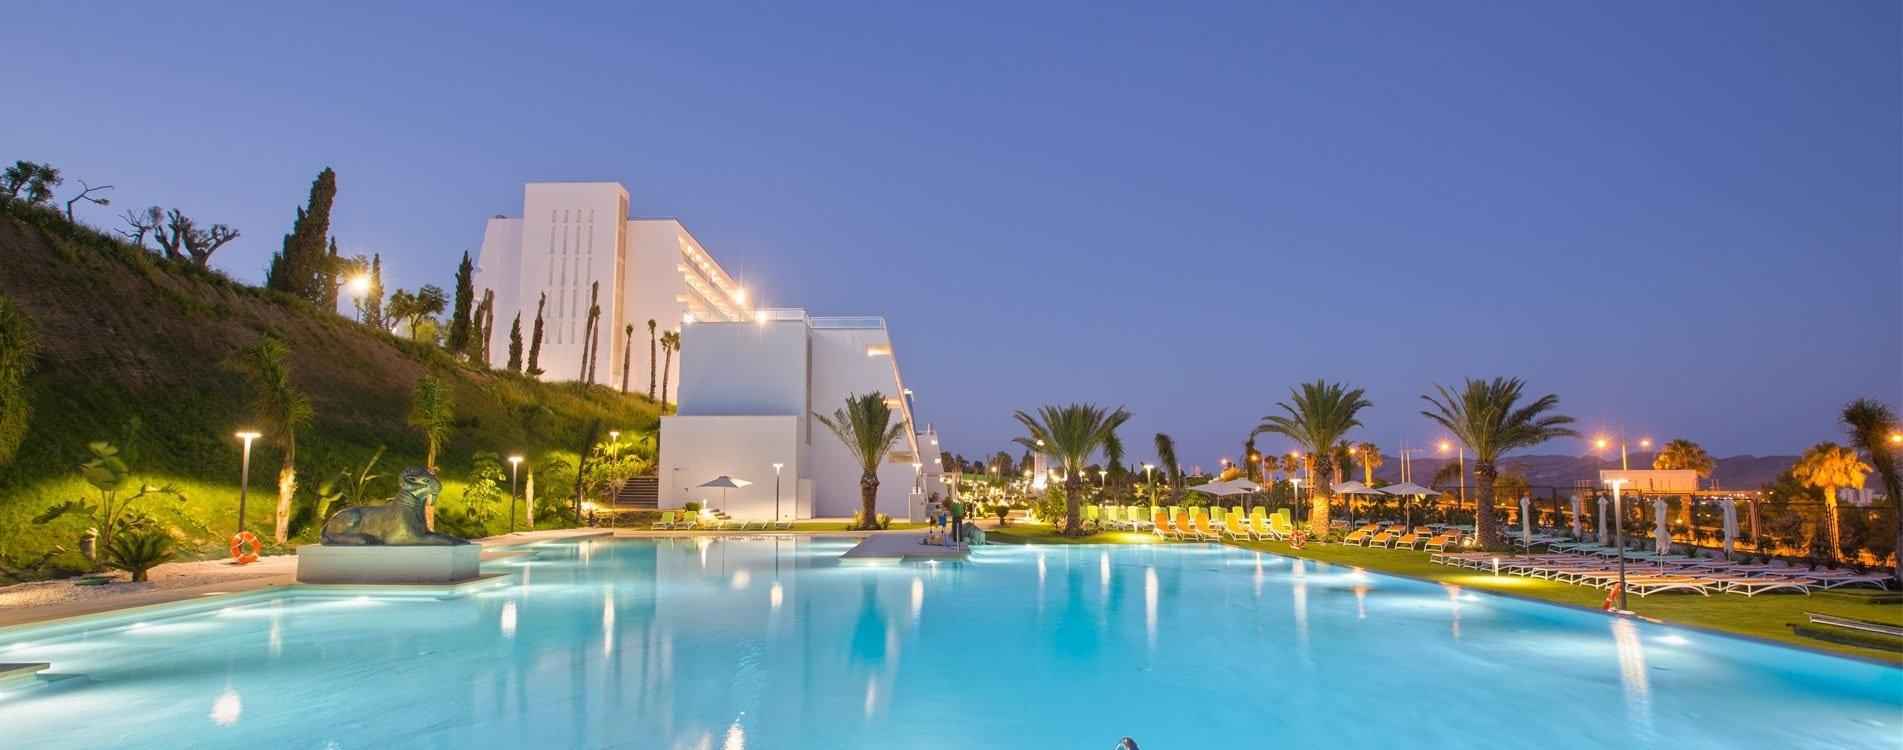 slide-home-piscina-grand-luxor-allsuites-hotel